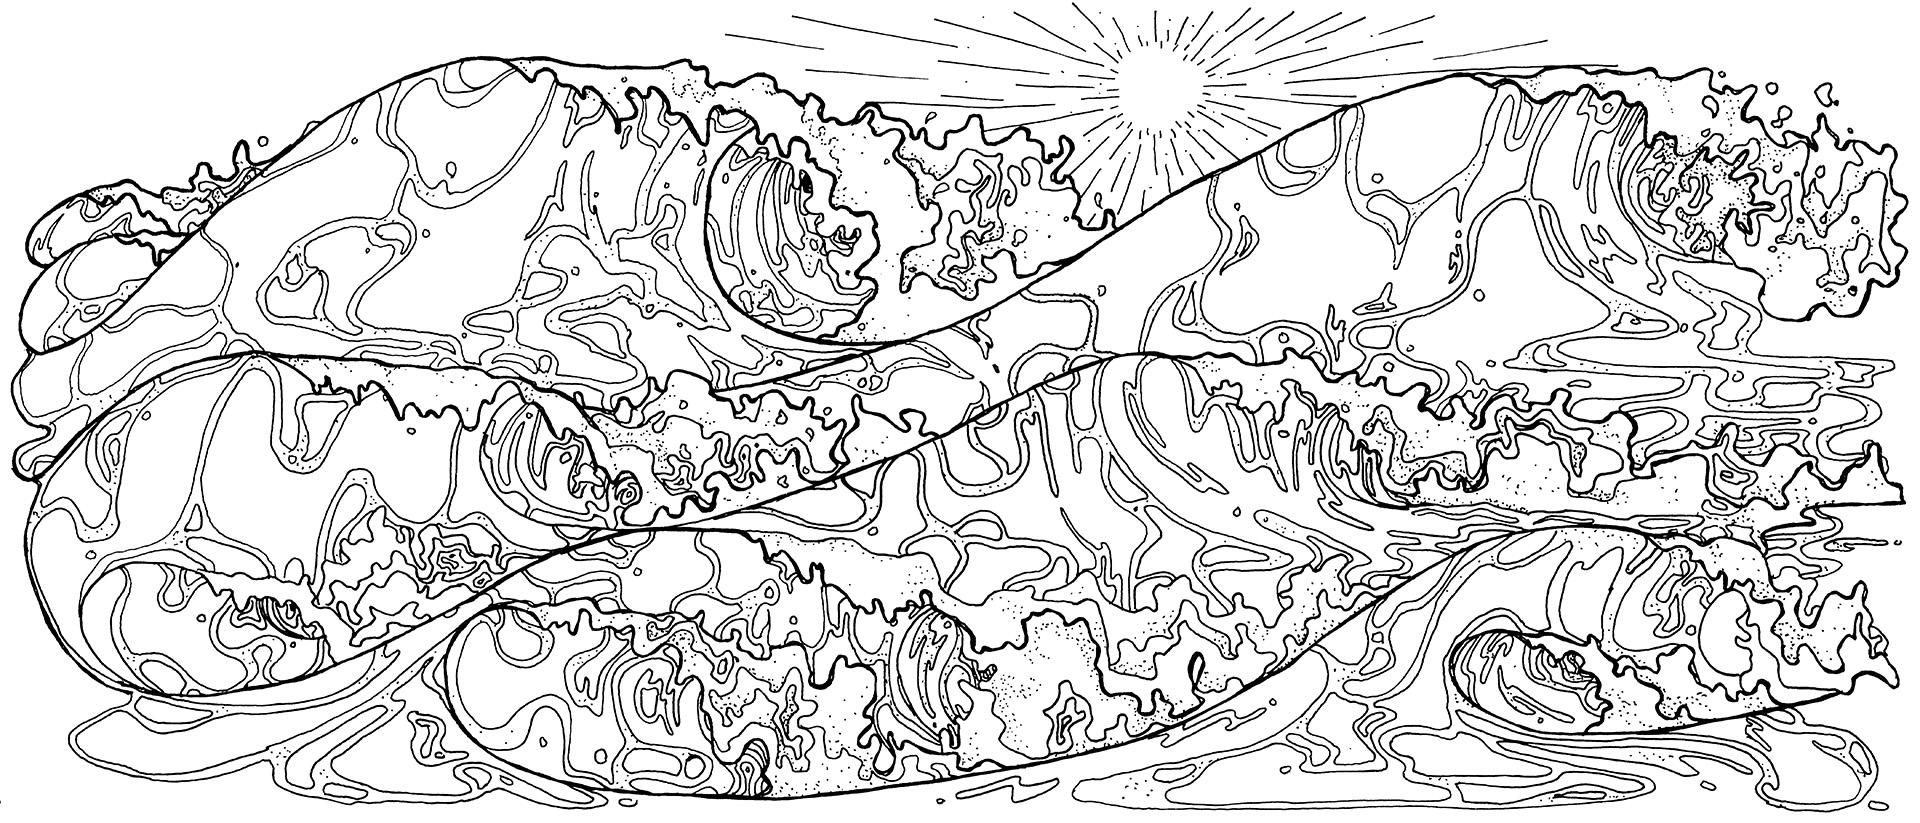 Waves_inked_Final01.jpg